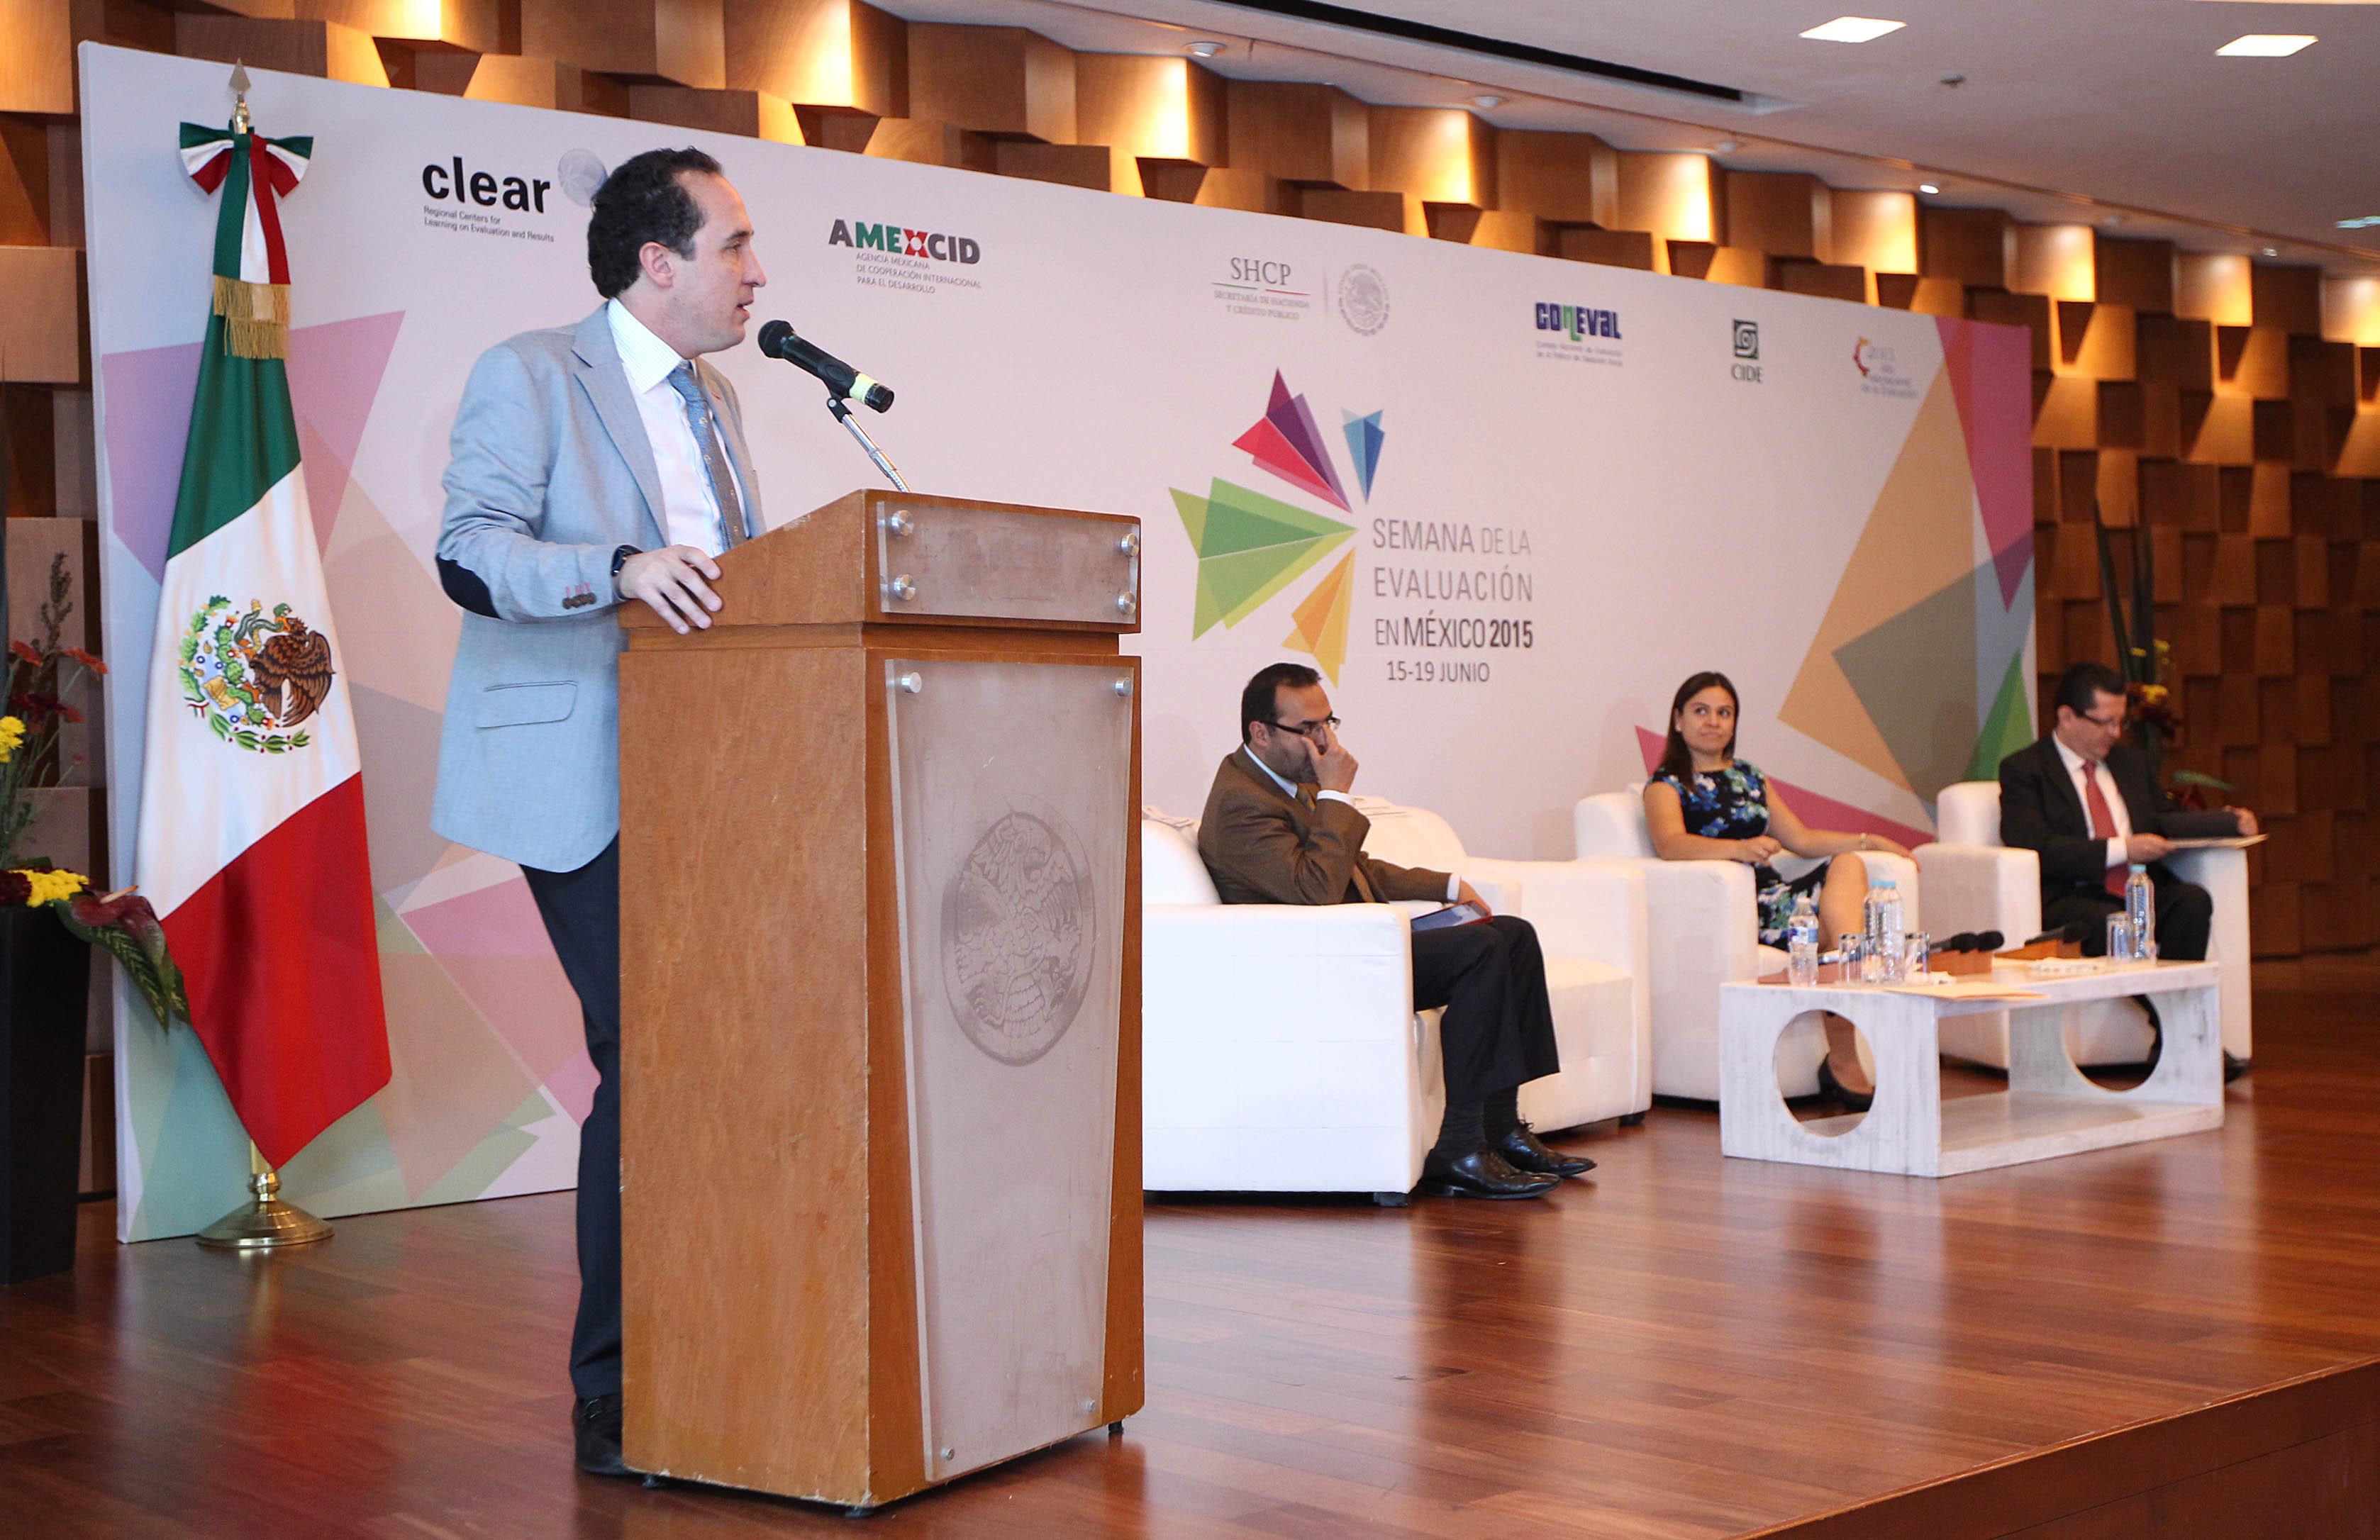 FOTO 1 Juan Manuel Valle Pere a  director ejecutivo de AMEXCID  en la inauguraci n de la Semana de la Evaluaci n en M xico 2015jpg